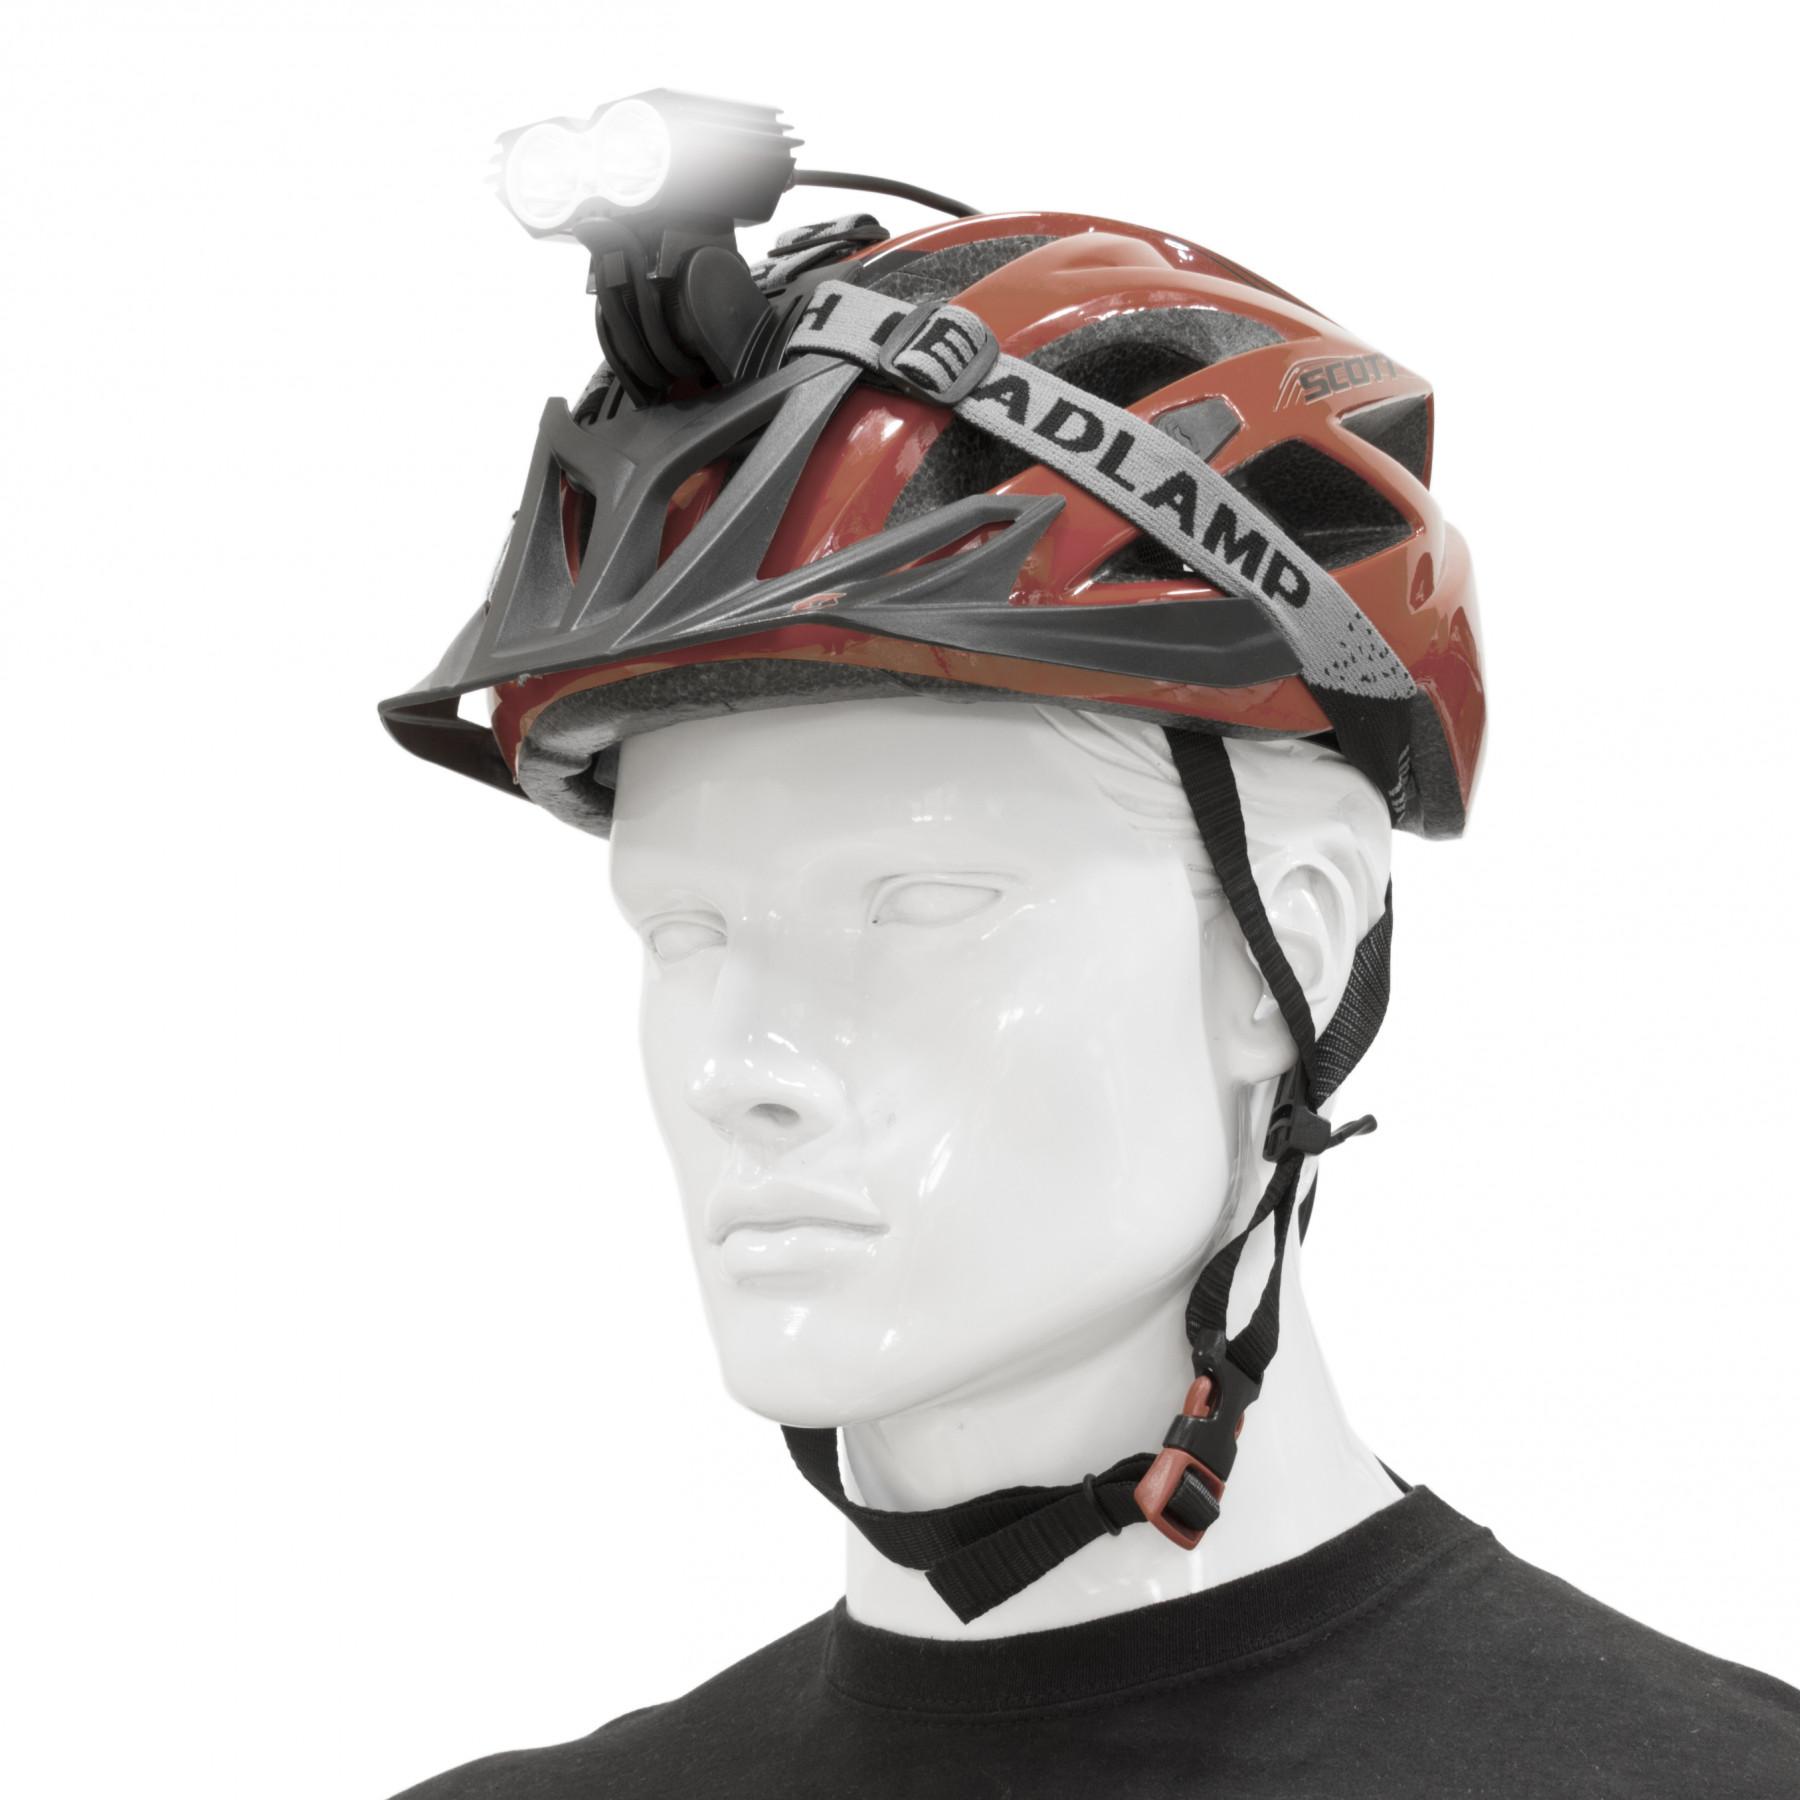 Casco de bici para aumentar la seguridad